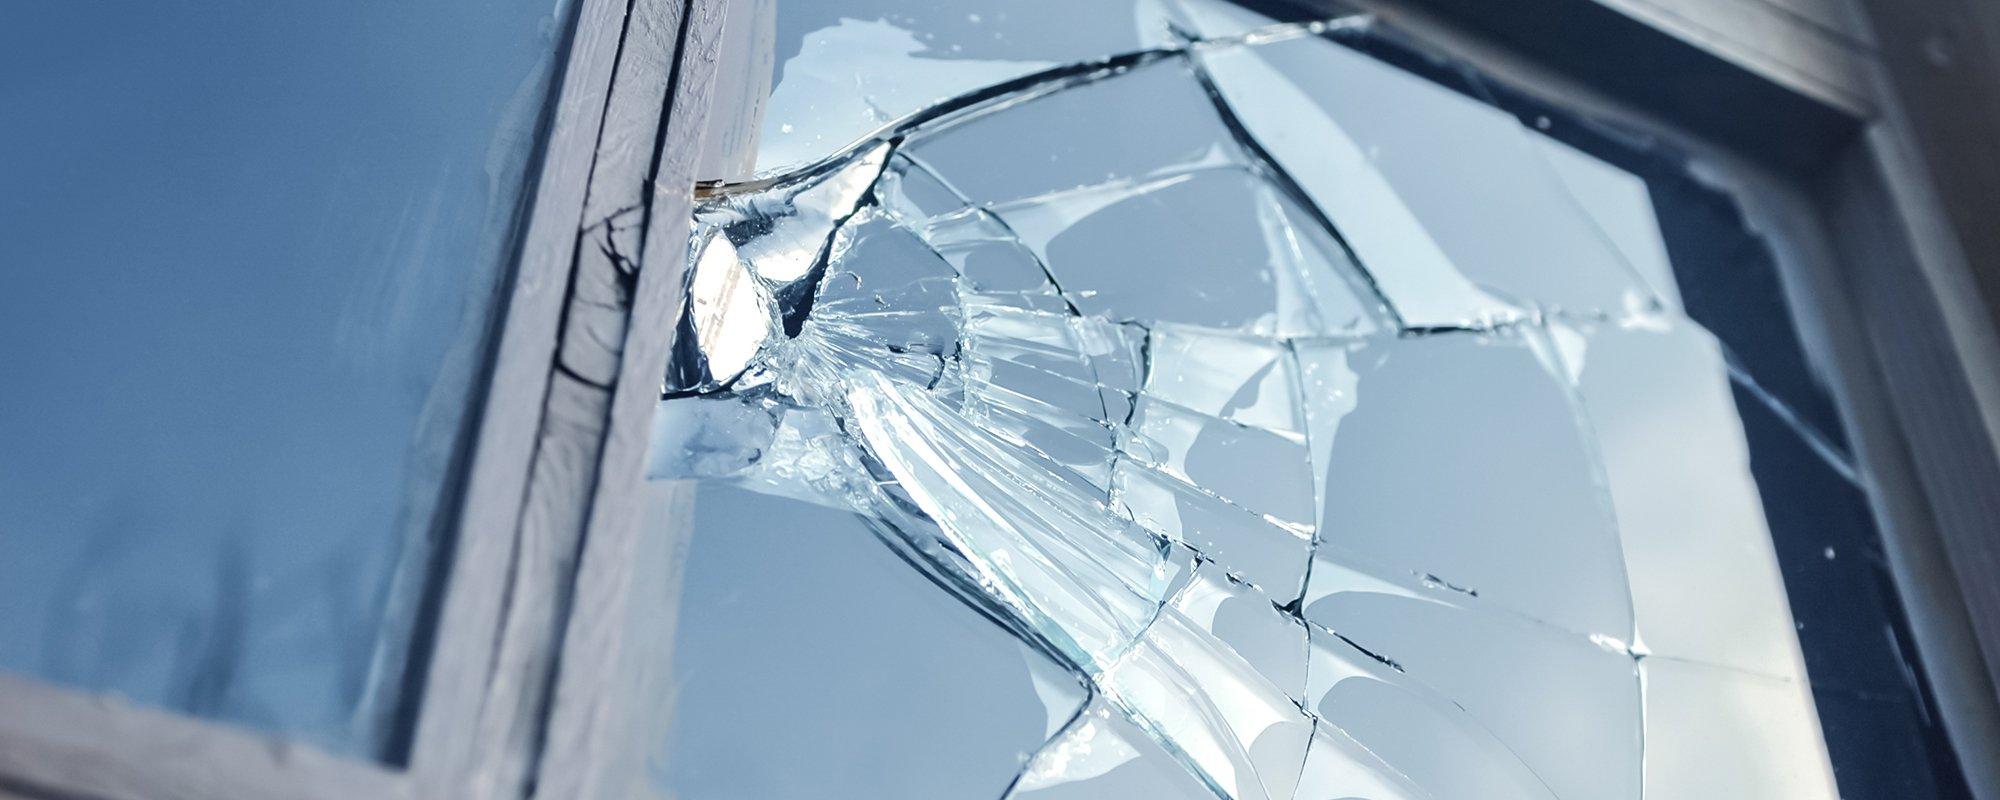 View of a broken glass